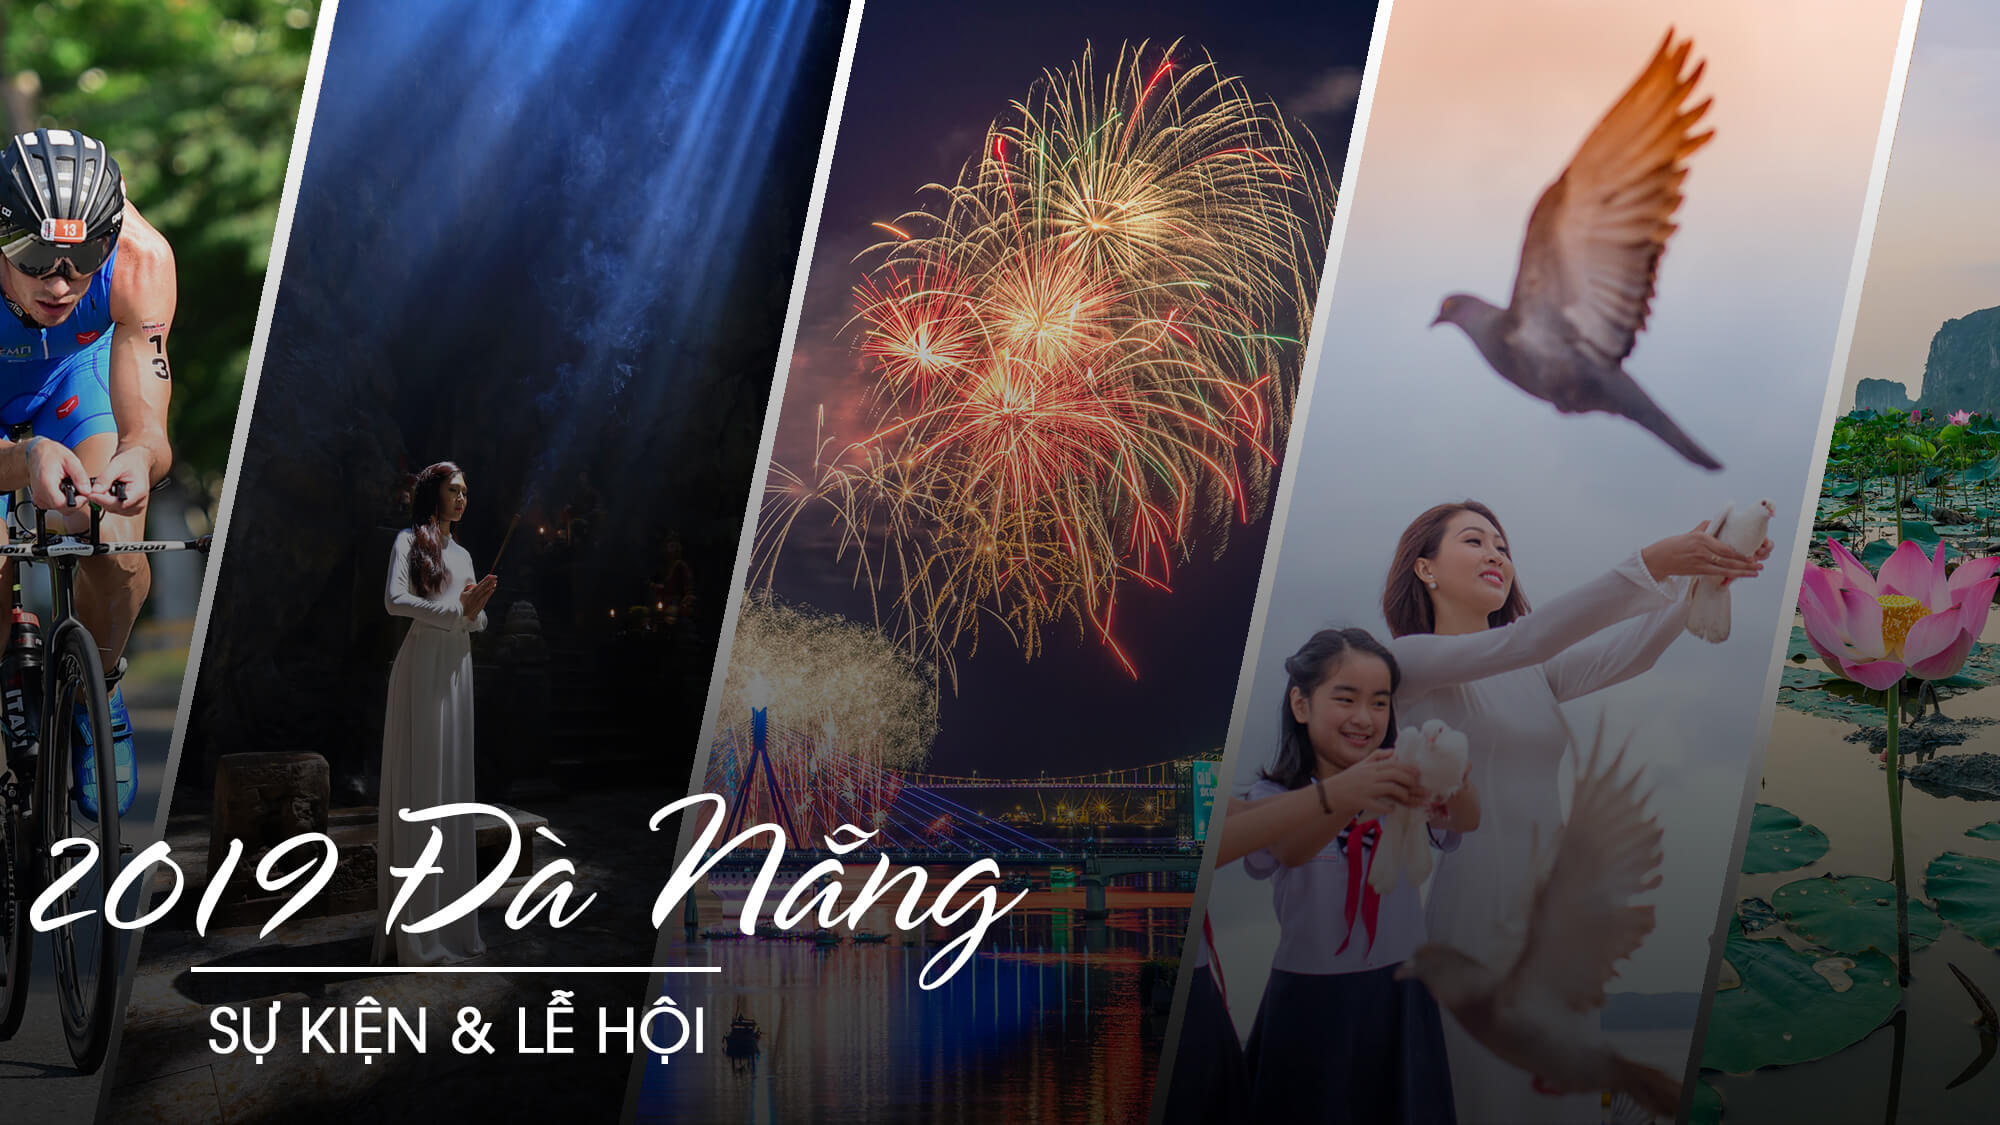 Top sự kiện nổi bật Đà Nẵng 2019